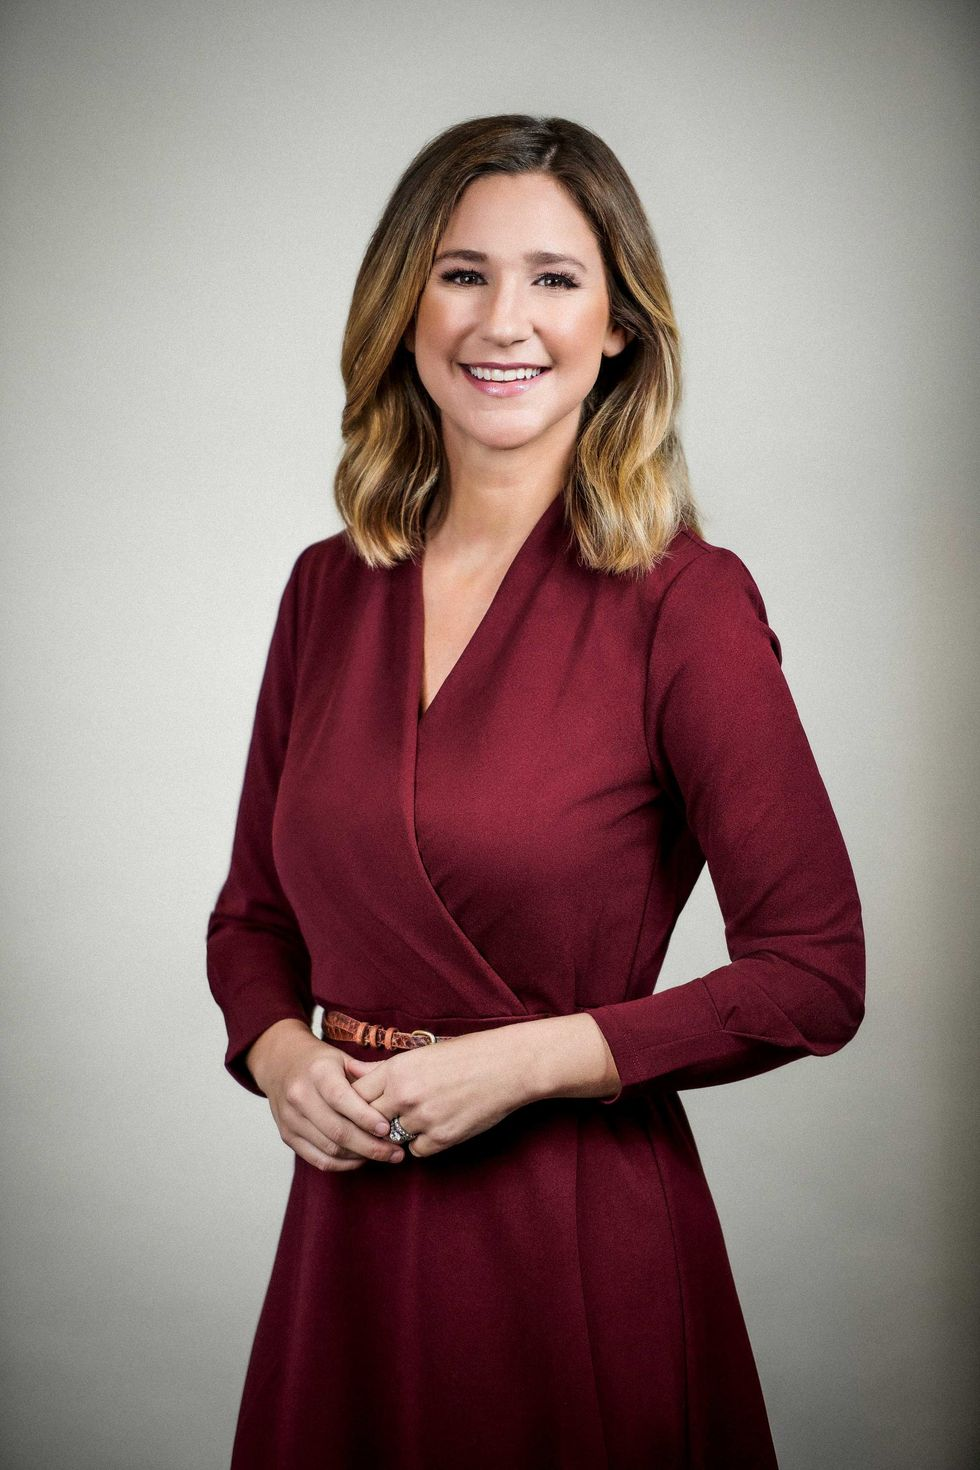 \u200bCBSN reporter Caitlin Huey-Burns.